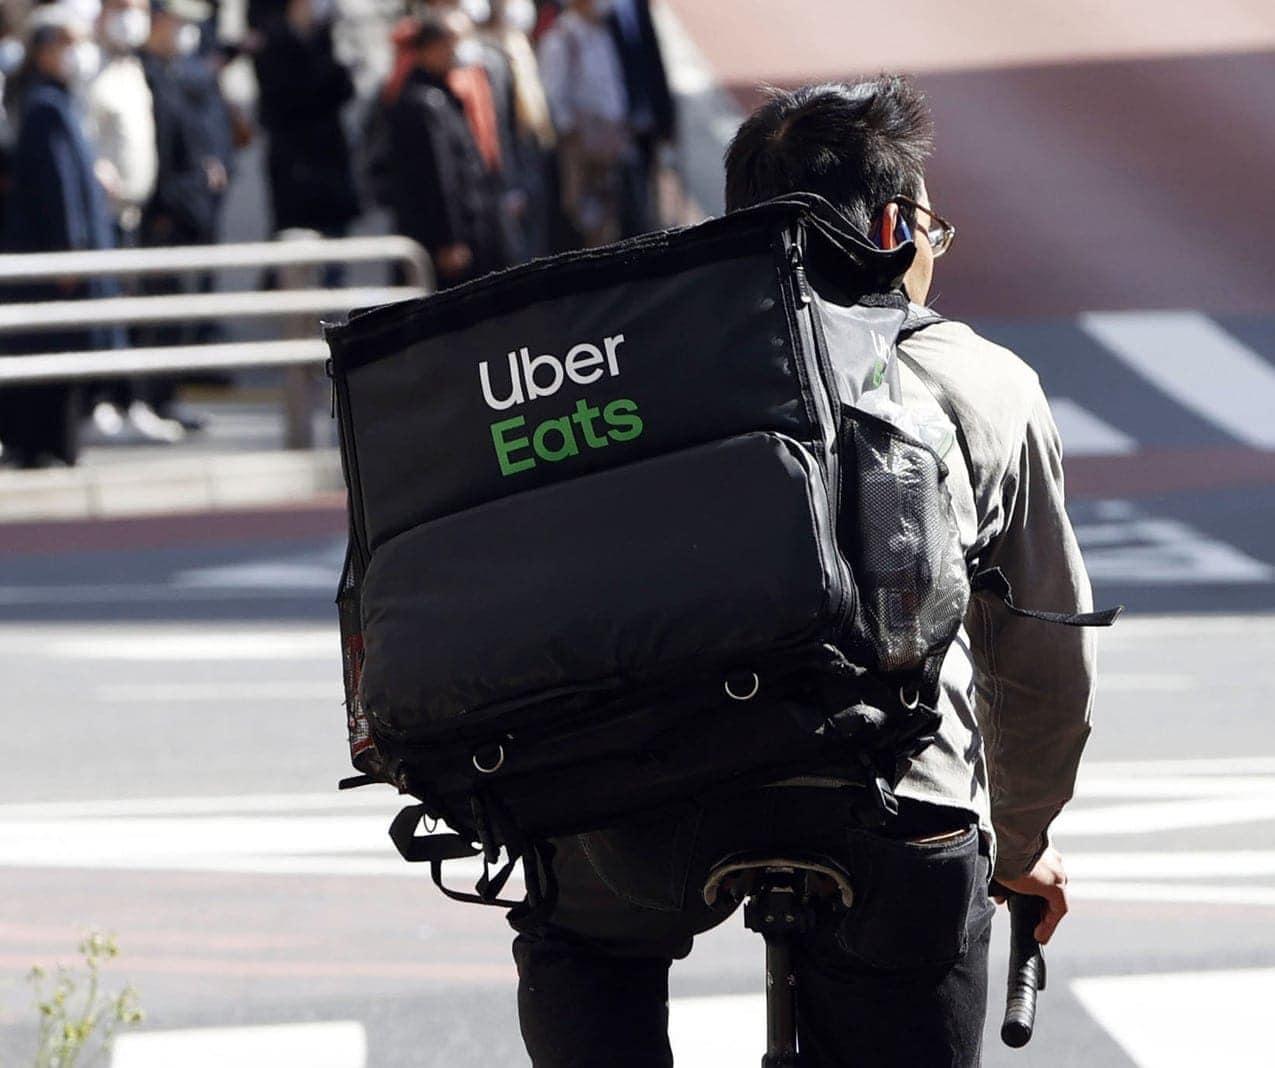 Uber-Eats-gibt-es-jetzt-auch-in-Deutschland-Start-in-Berlin